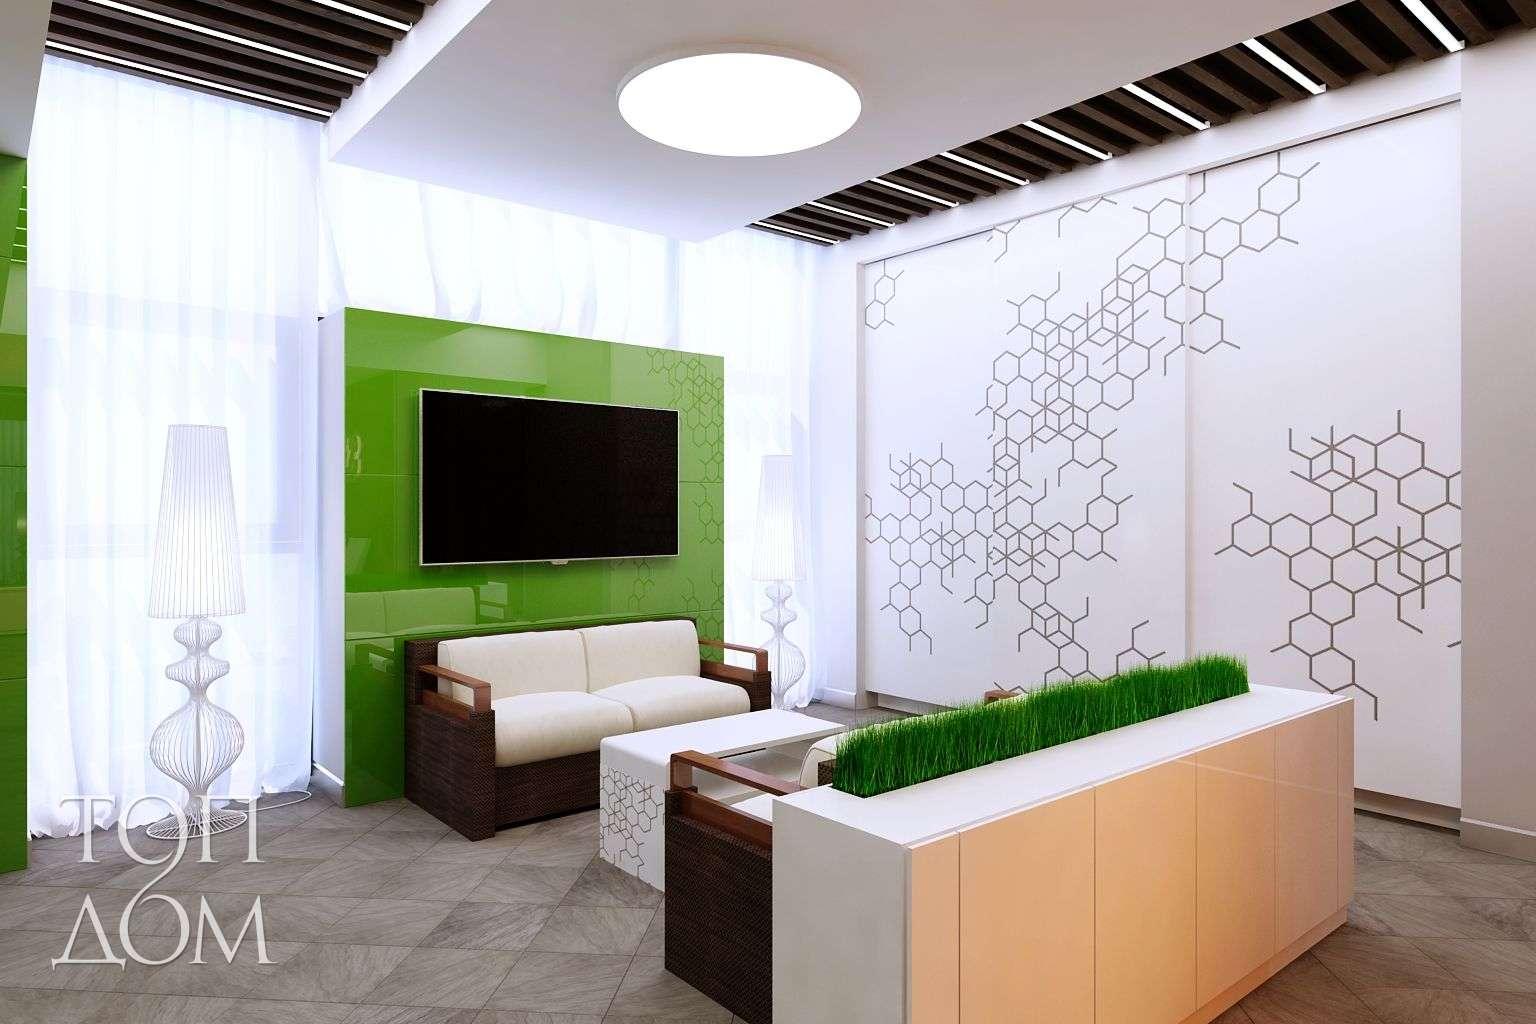 http://www.topdom.ru/gallery/office/12/2.jpg